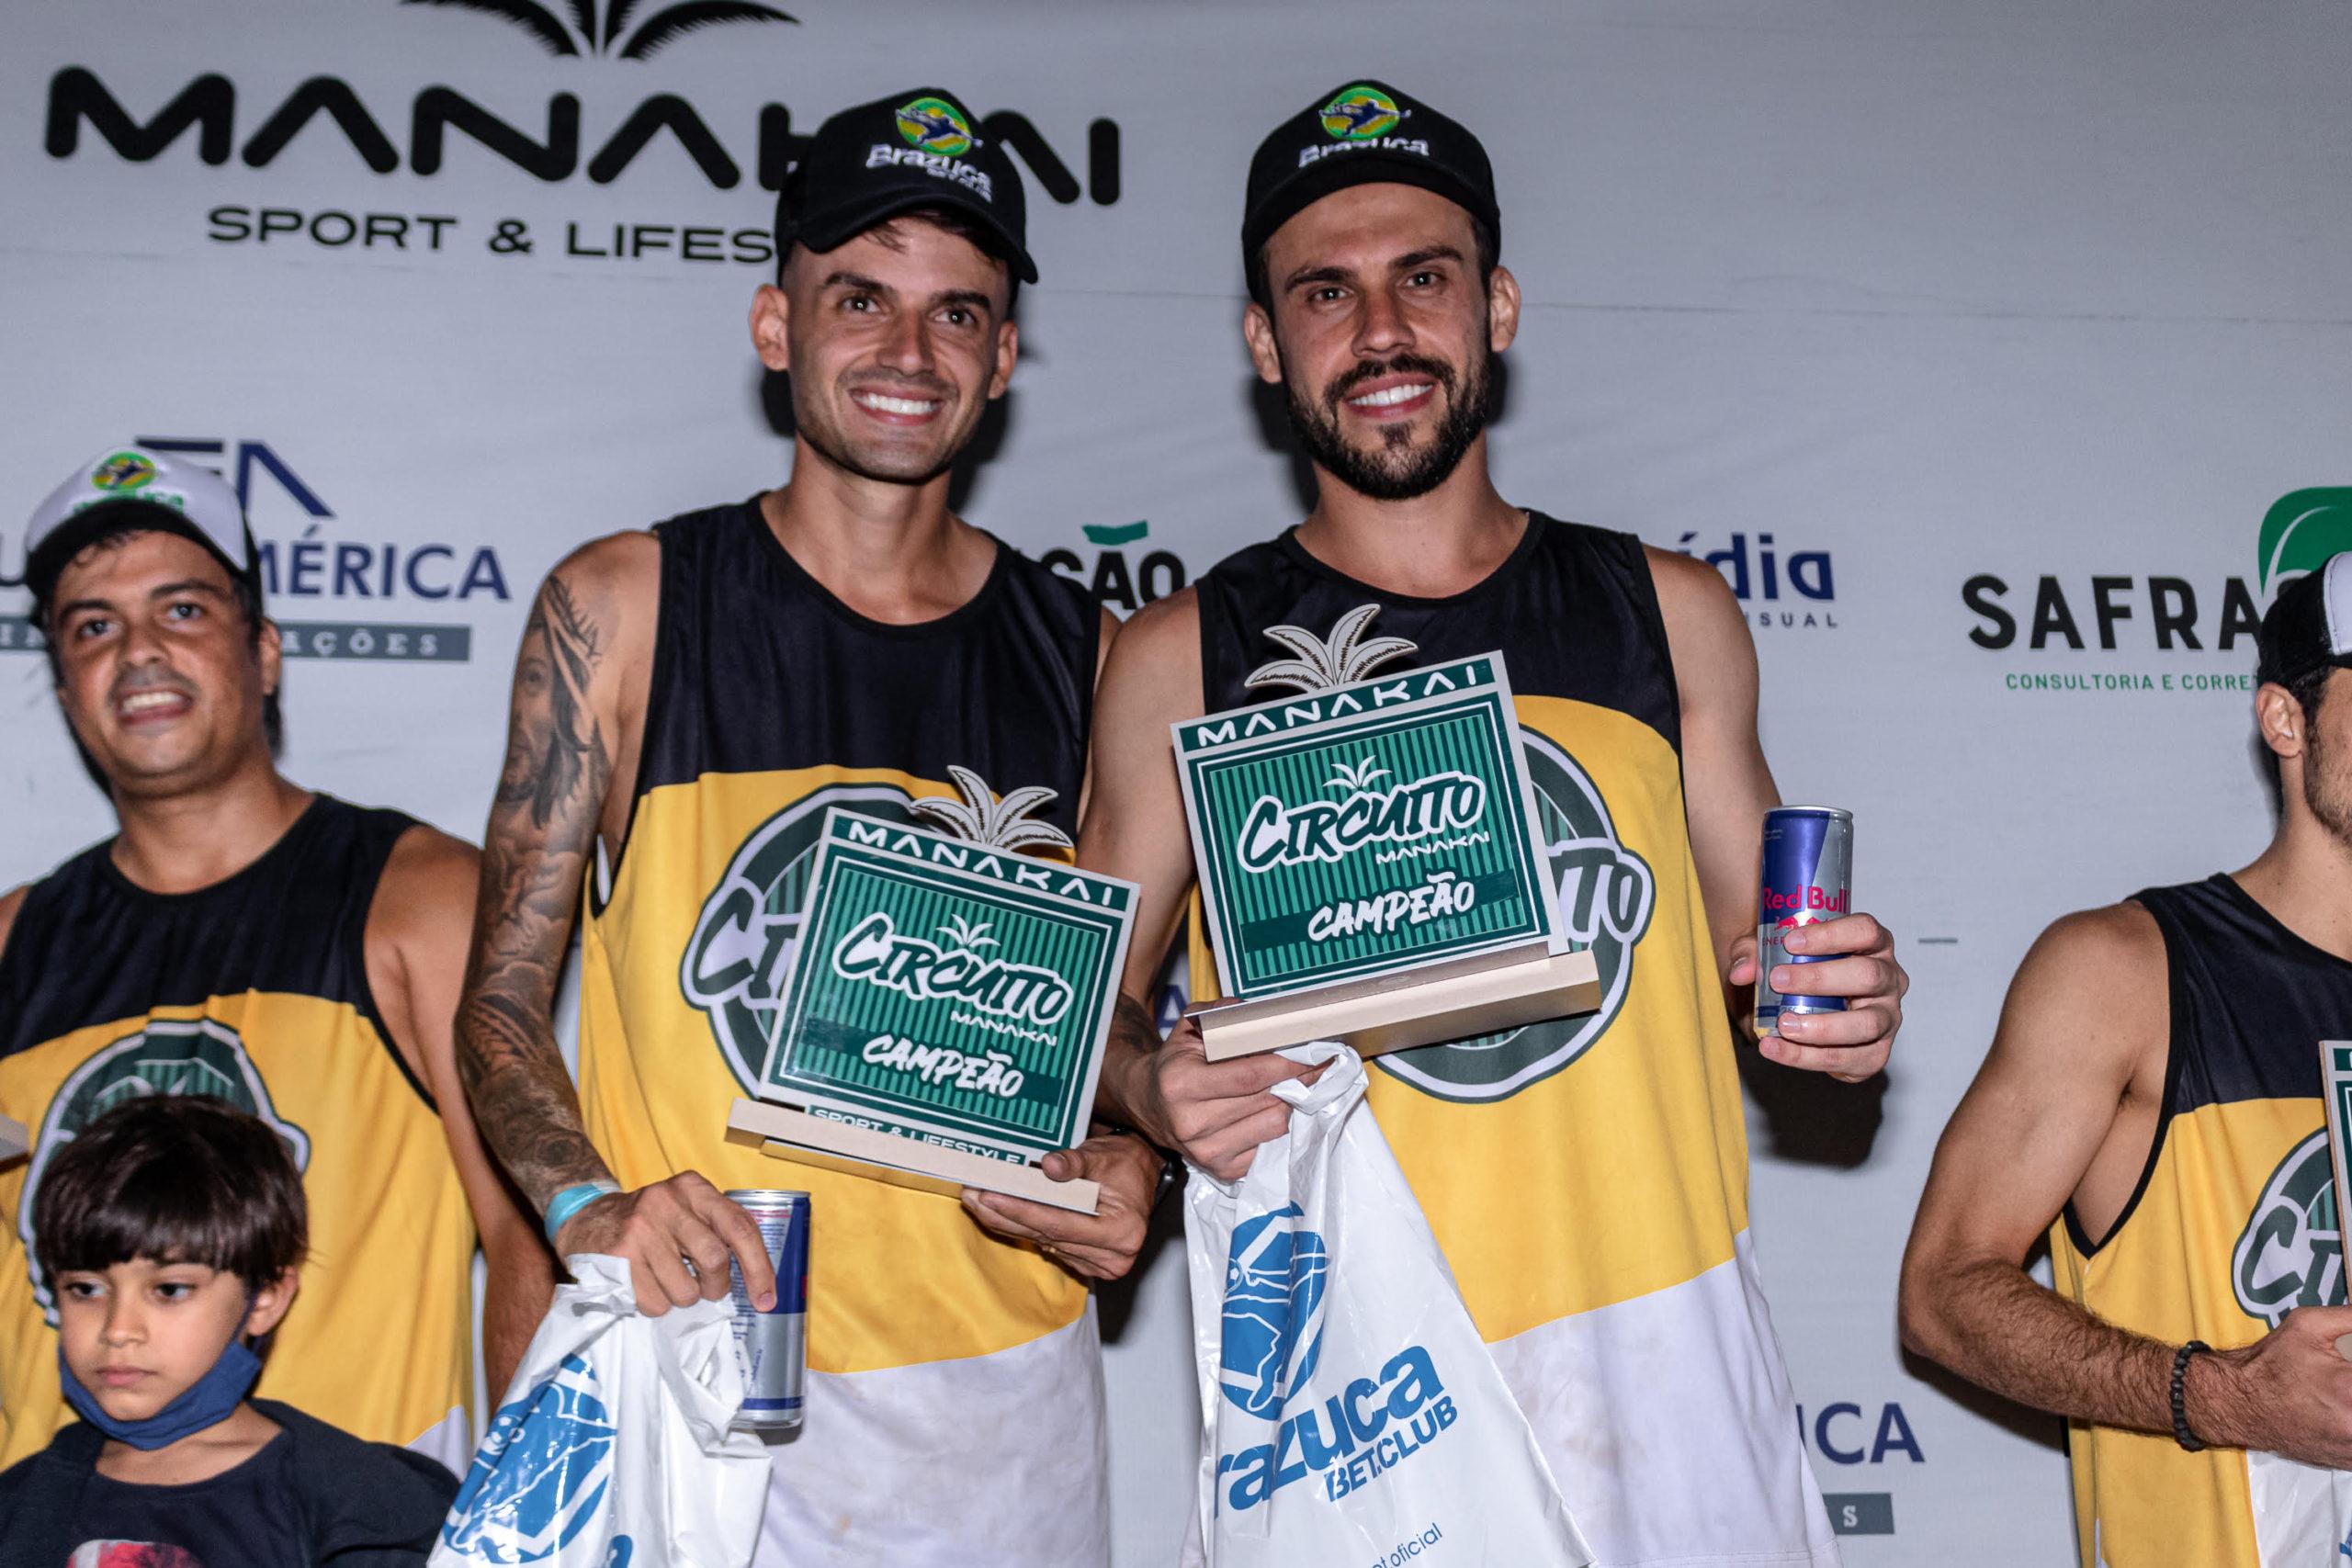 Frederico Faria e Theylor Angonese (1º lugar da categoria intermediário masculino)